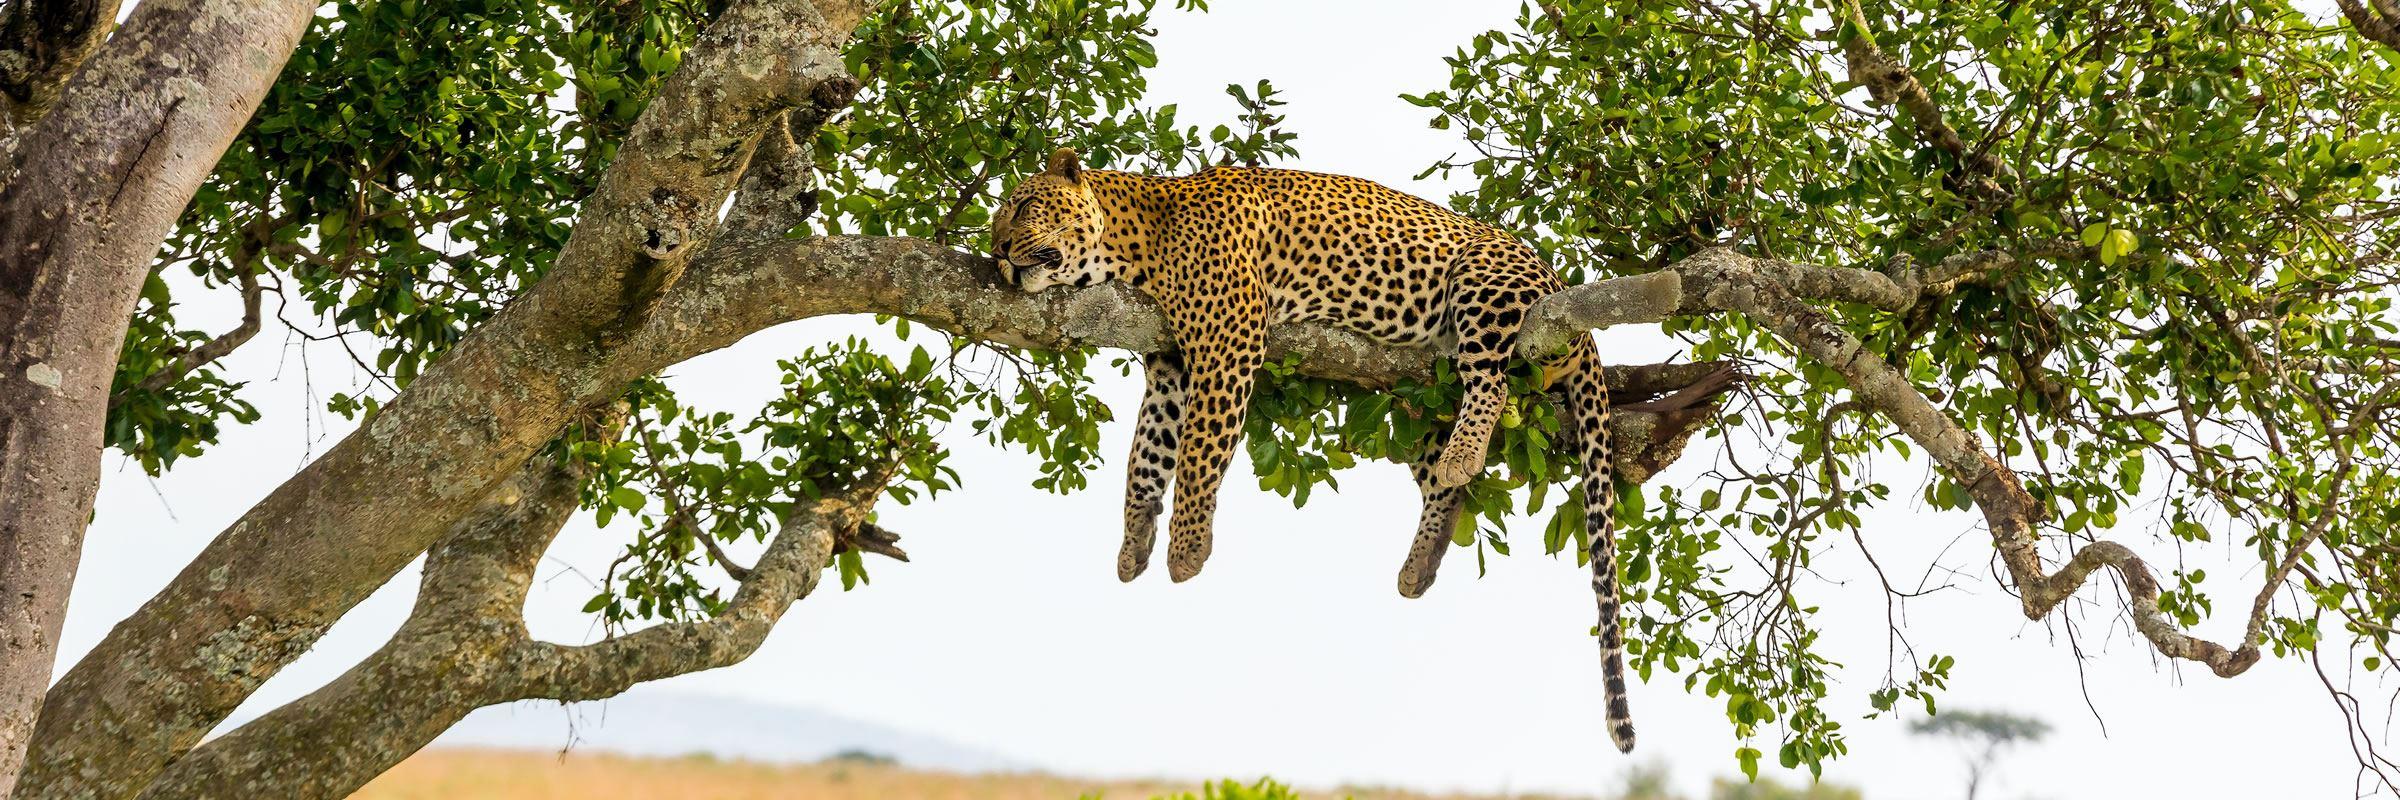 Leopard in a tree, Kenya